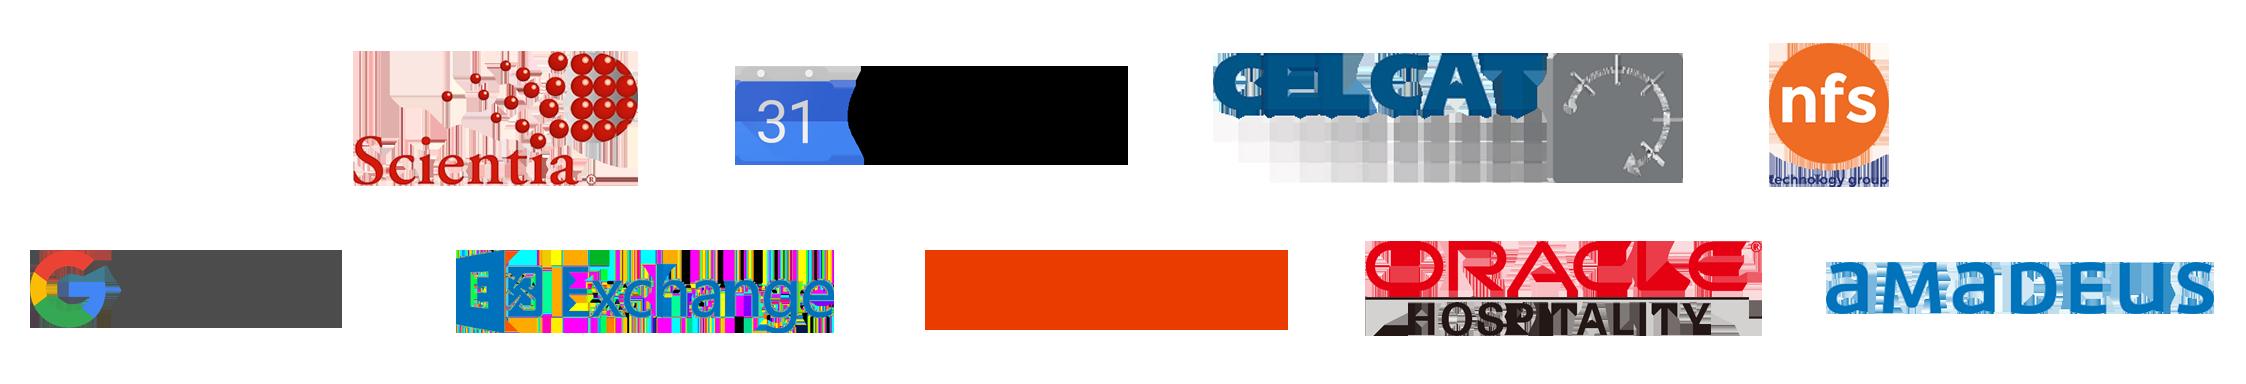 Reserva_Partner_Logos